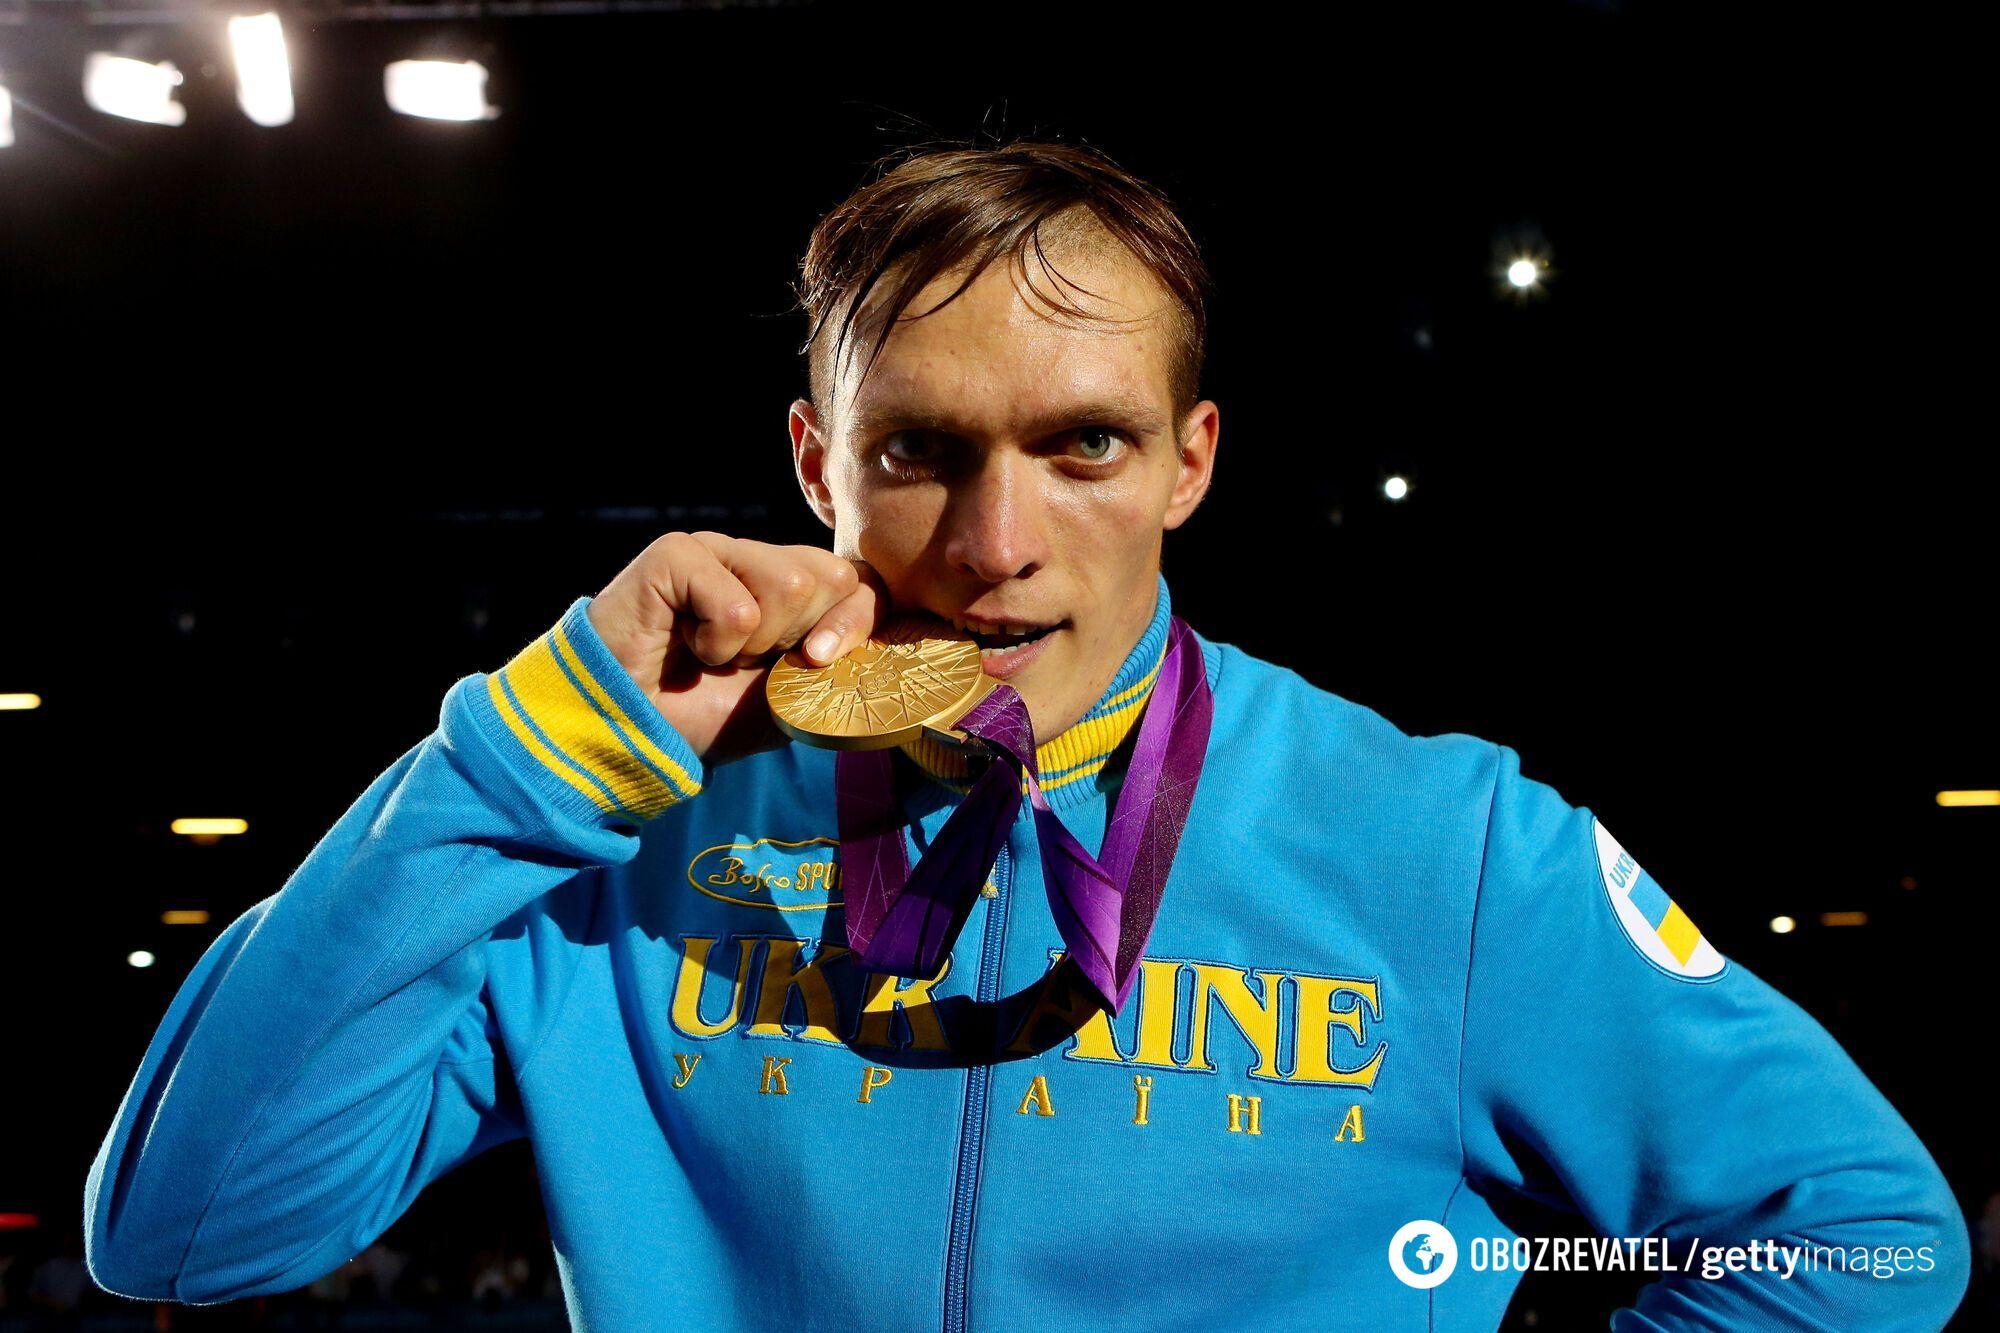 Усик с золотой медалью